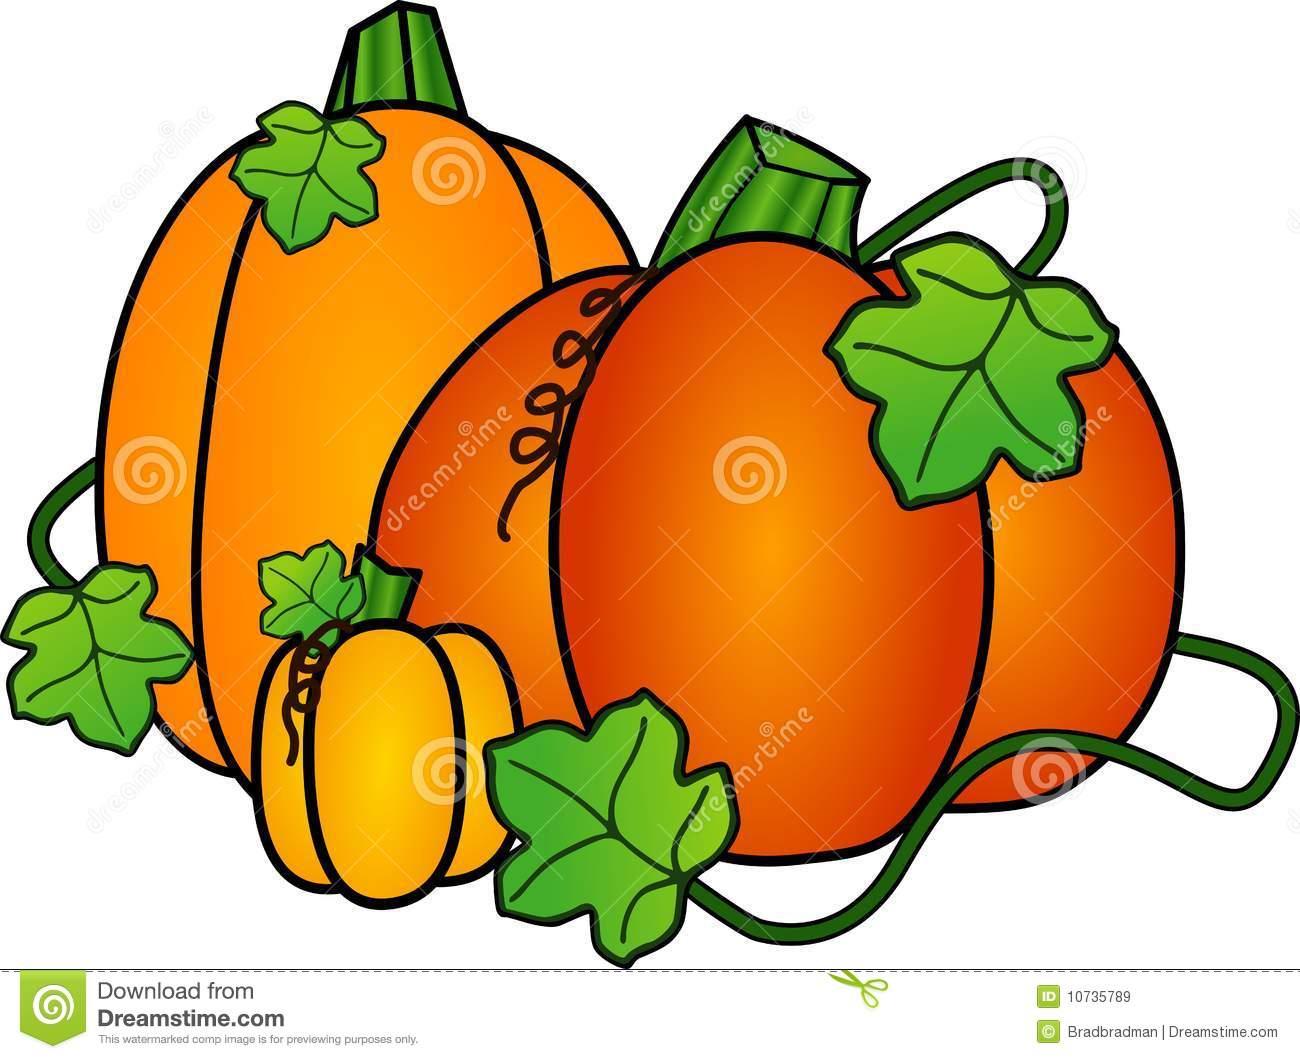 black cat halloween pumpkins clipart panda free clipart images rh clipartpanda com clip art pumpkins for halloween clip art pumpkins free